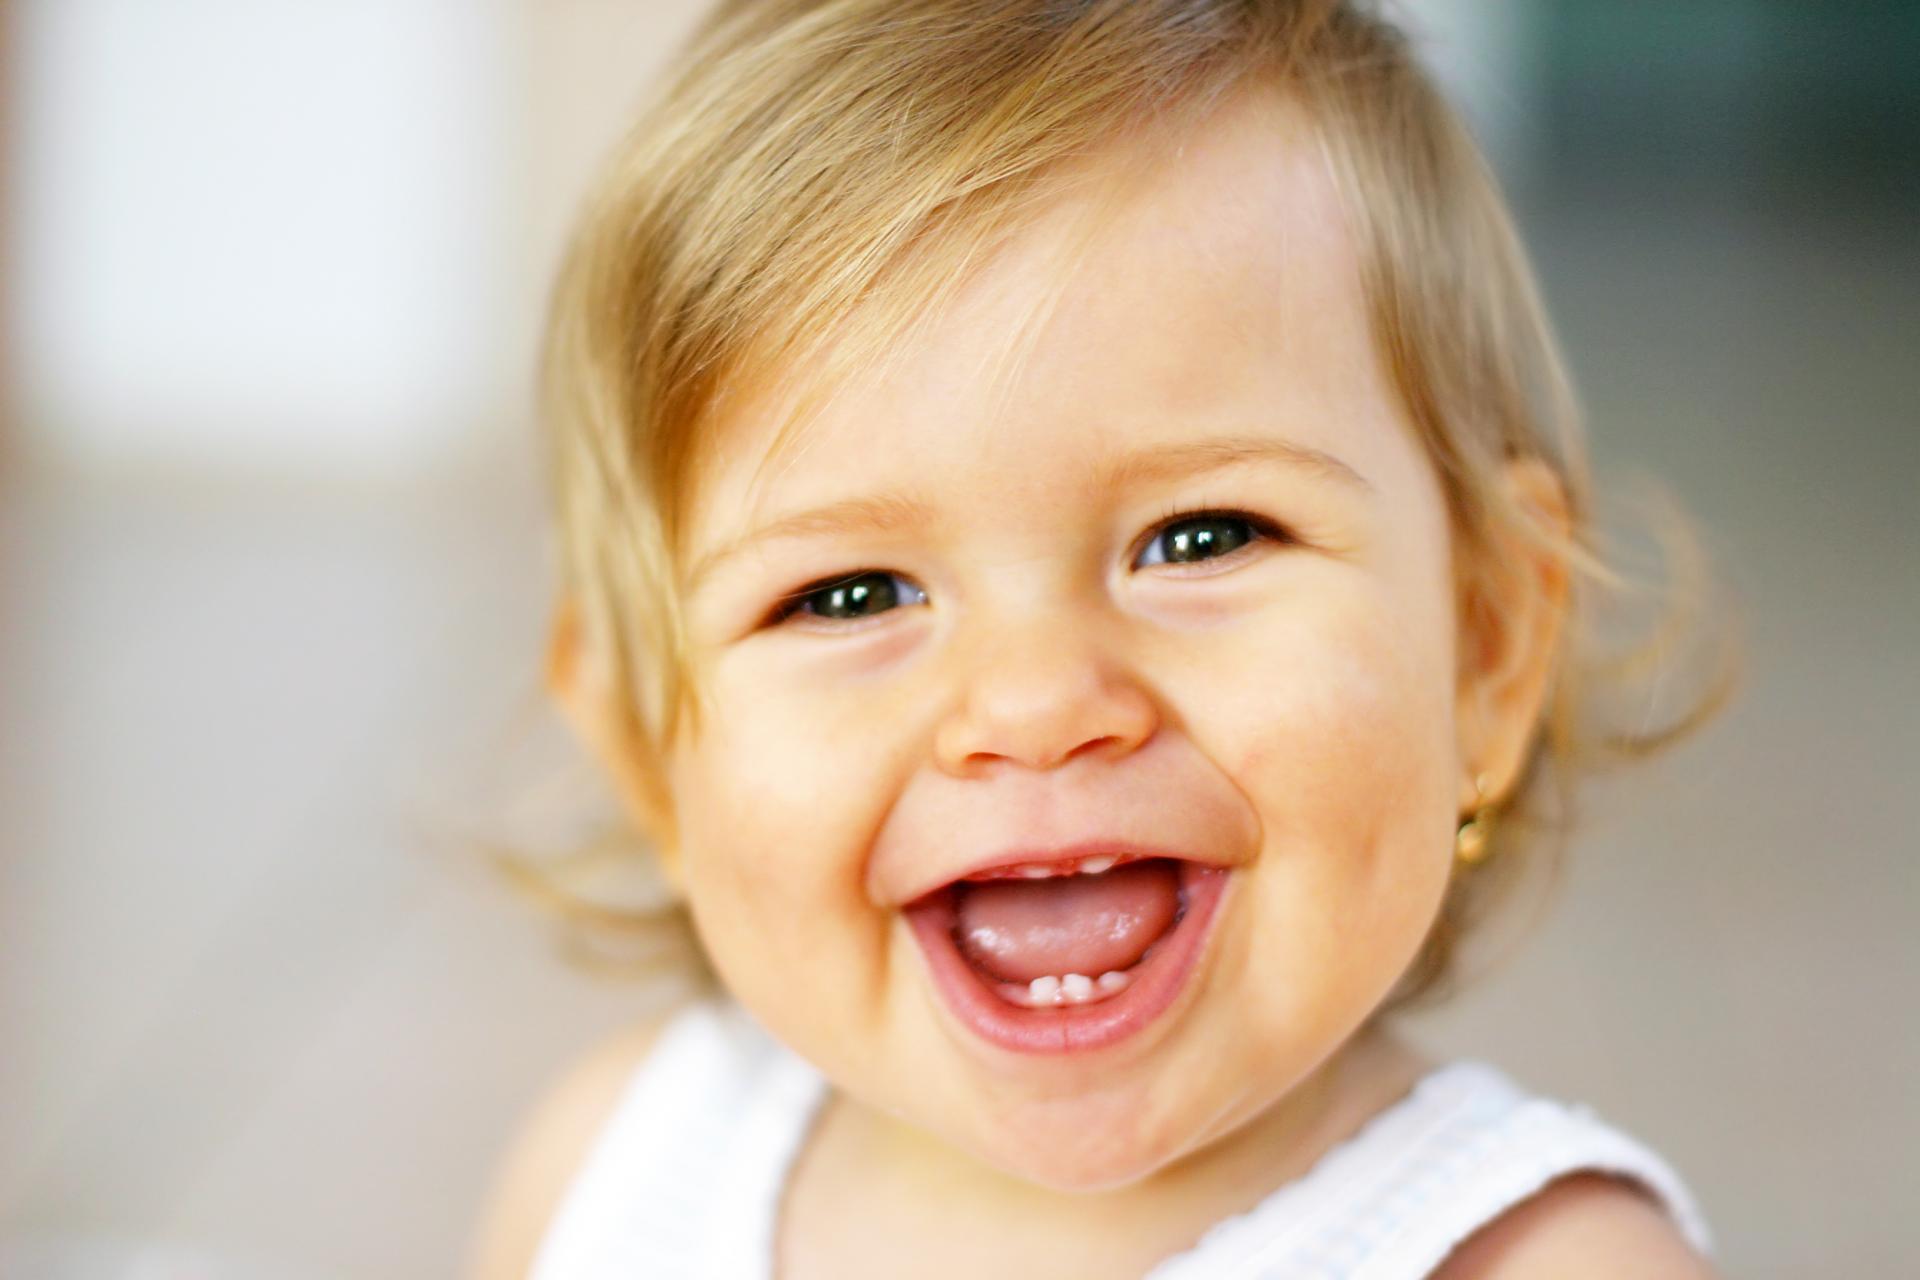 Неприятный запах из ротовой полости у ребенка.